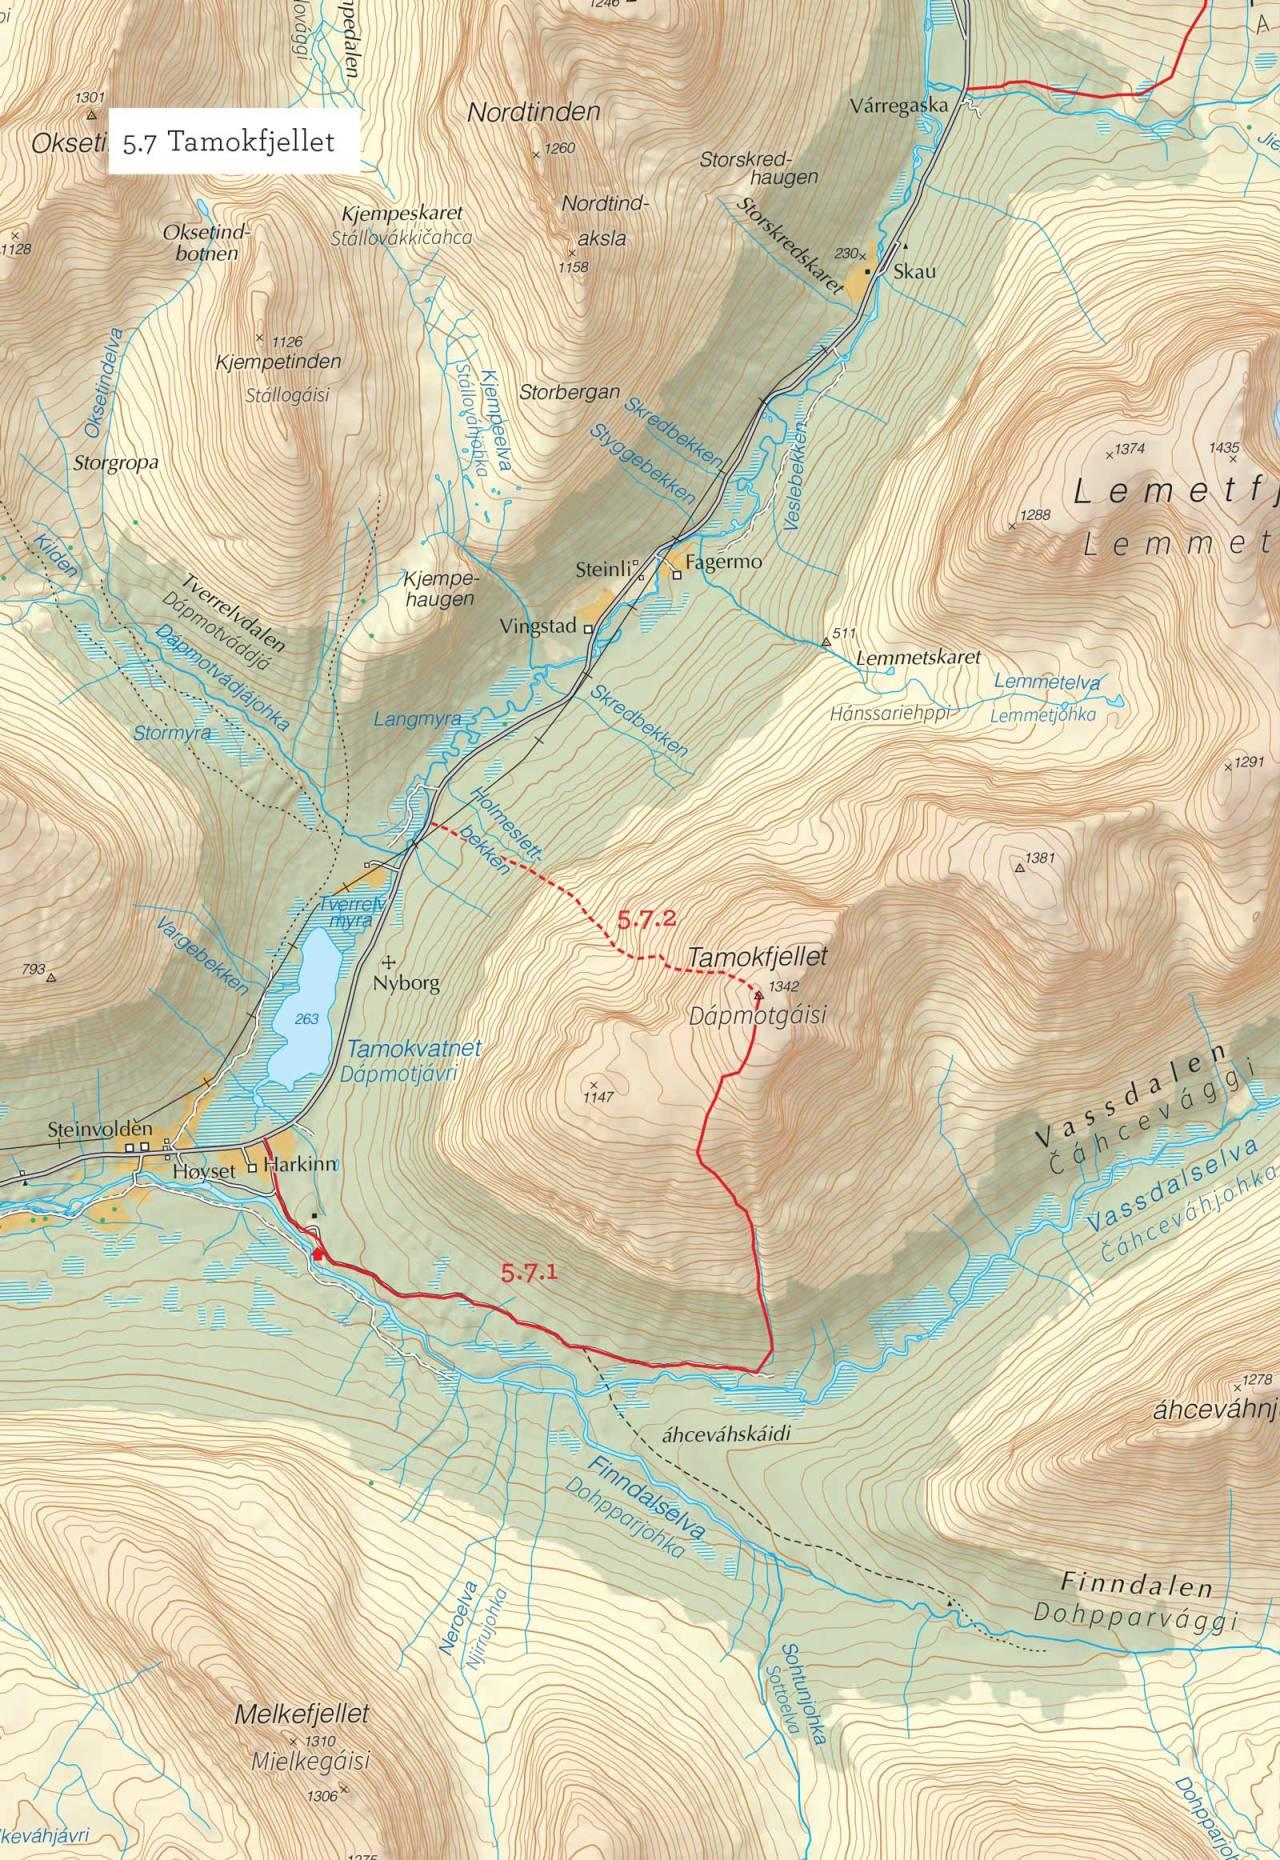 Oversiktskart over Tamokfjellet med inntegnet rute. Fra Toppturer i Troms.